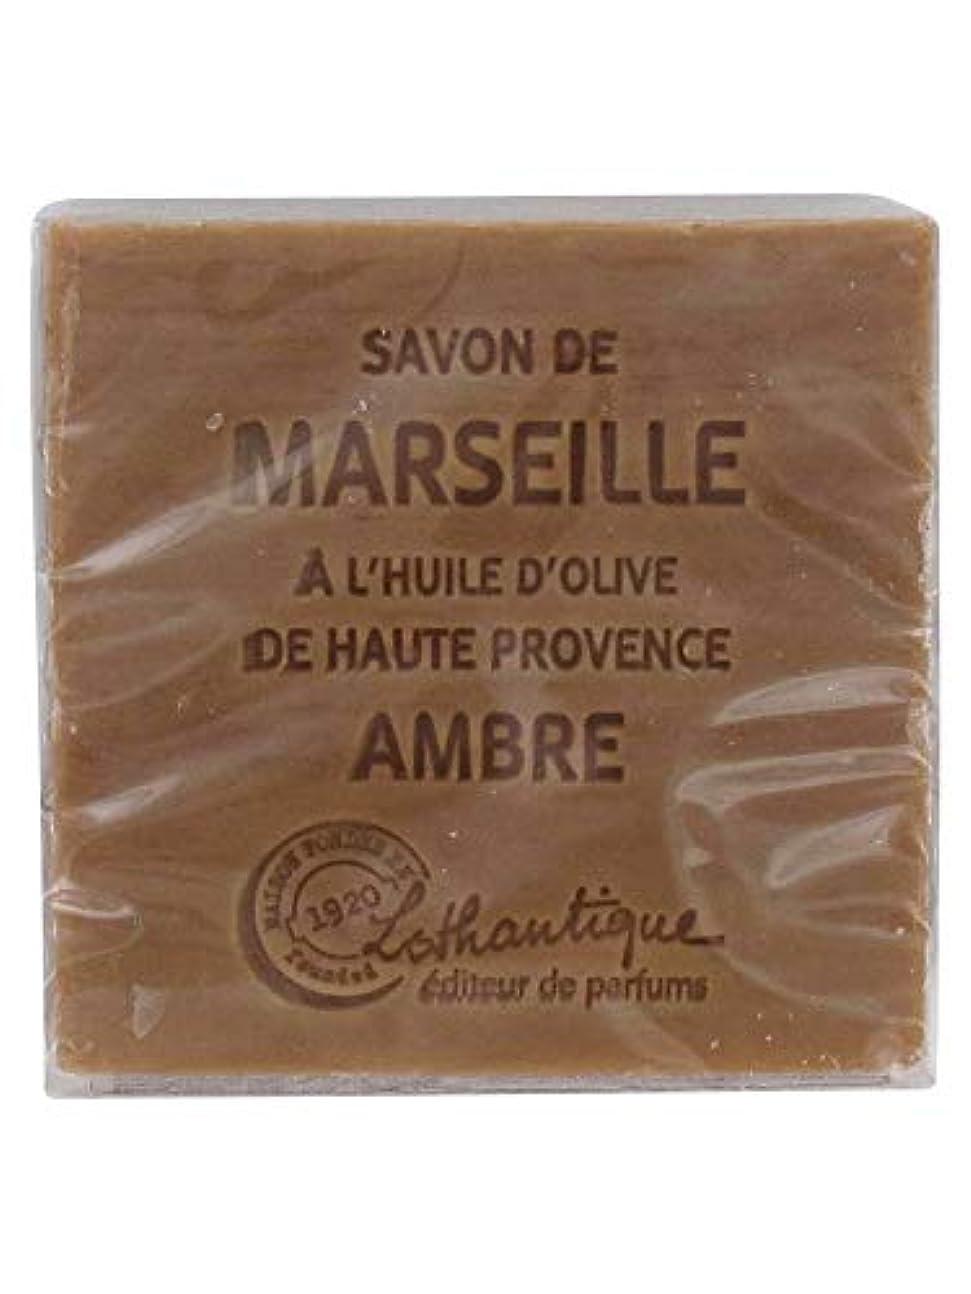 中断令状思い出させるLothantique(ロタンティック) Les savons de Marseille(マルセイユソープ) マルセイユソープ 100g 「アンバー」 3420070038012